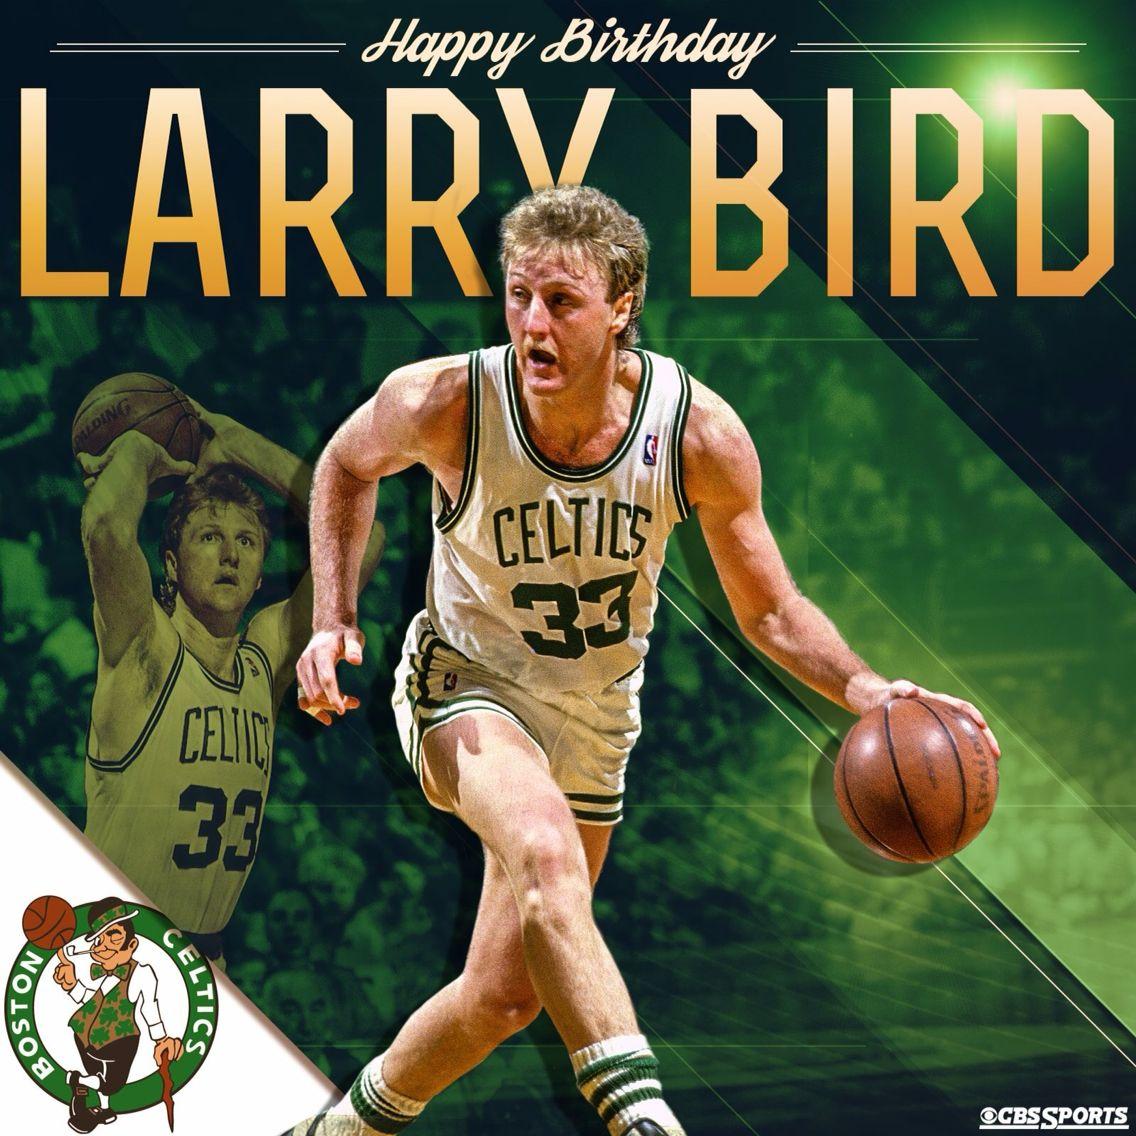 The Legend Larry bird, Happy birthday larry, Larry